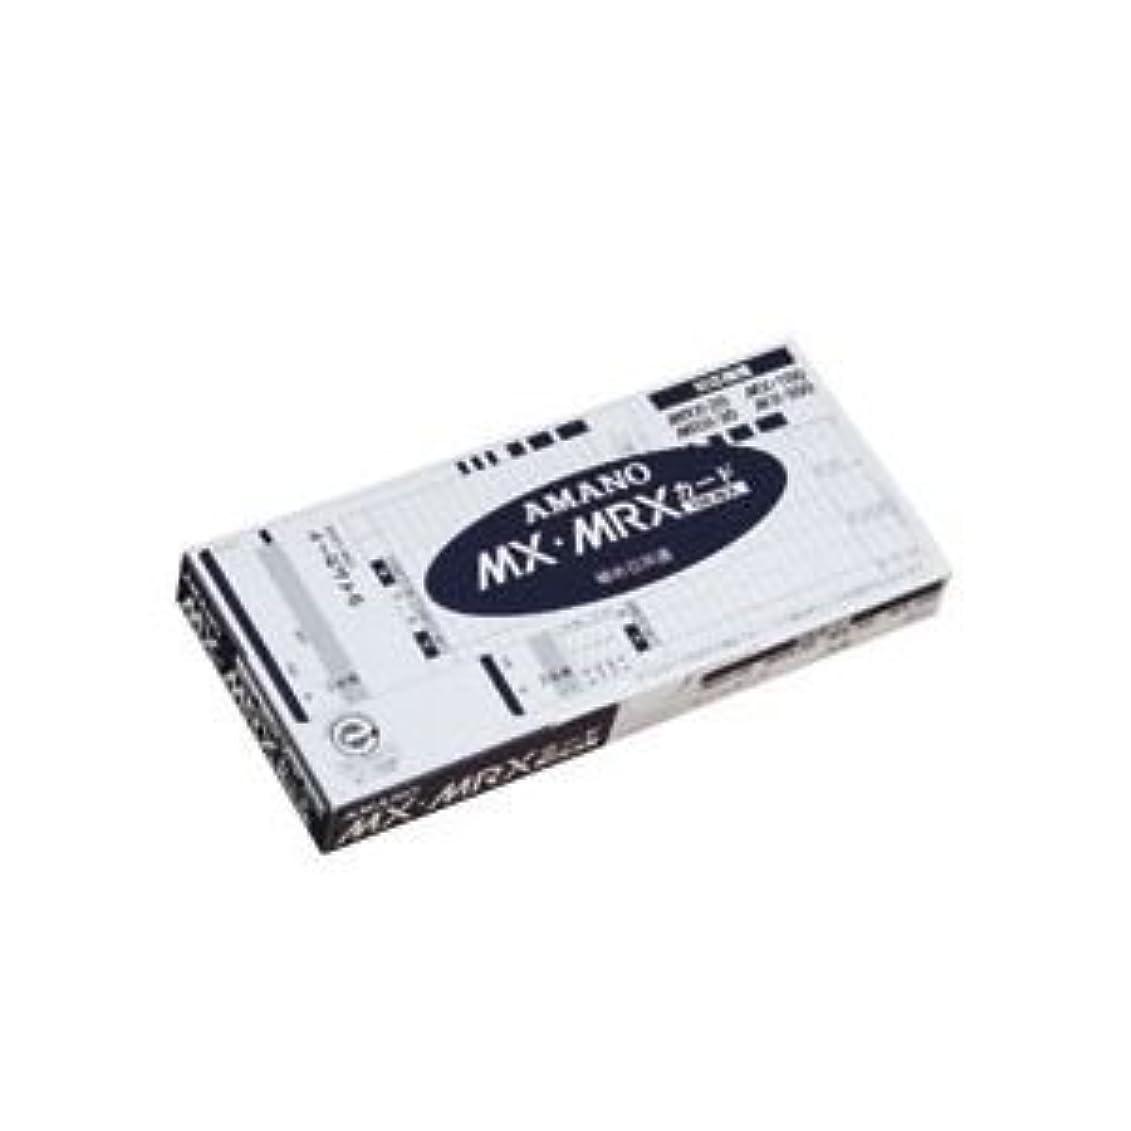 必要としているチップ義務的アマノ タイムレコーダー用カード MX?MRXカード 全締日対応 1パック(100枚)